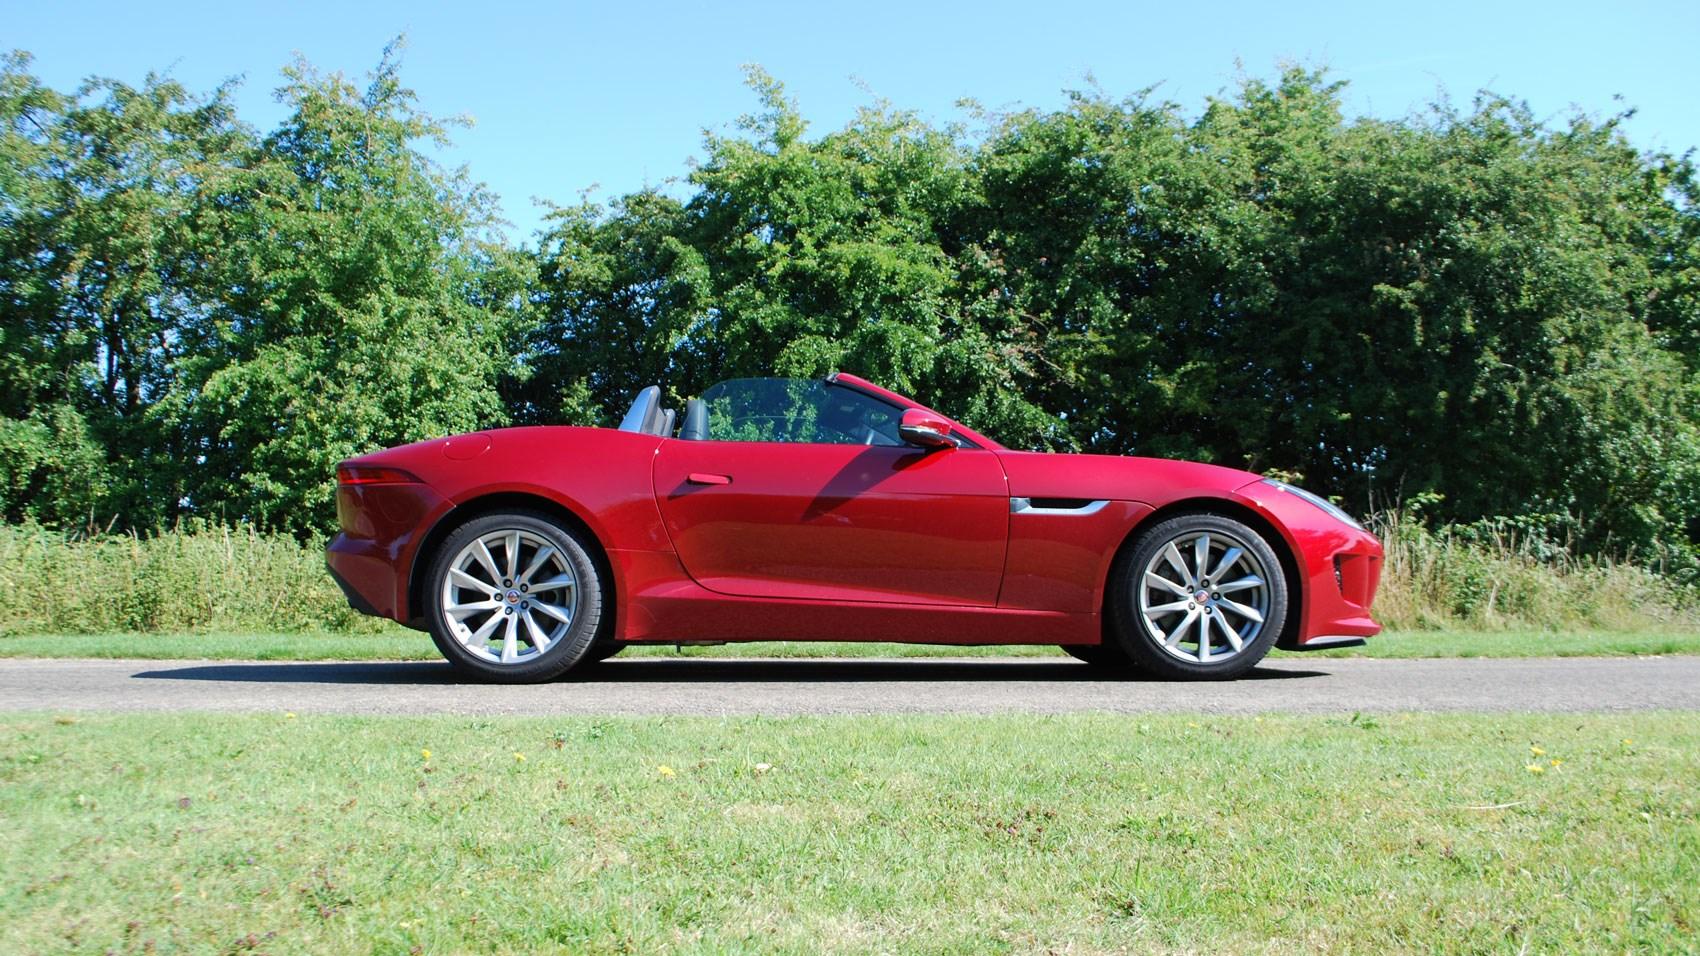 Jaguar Lease Deals >> Jaguar F-type 3.0 V6 manual (2015) review by CAR Magazine